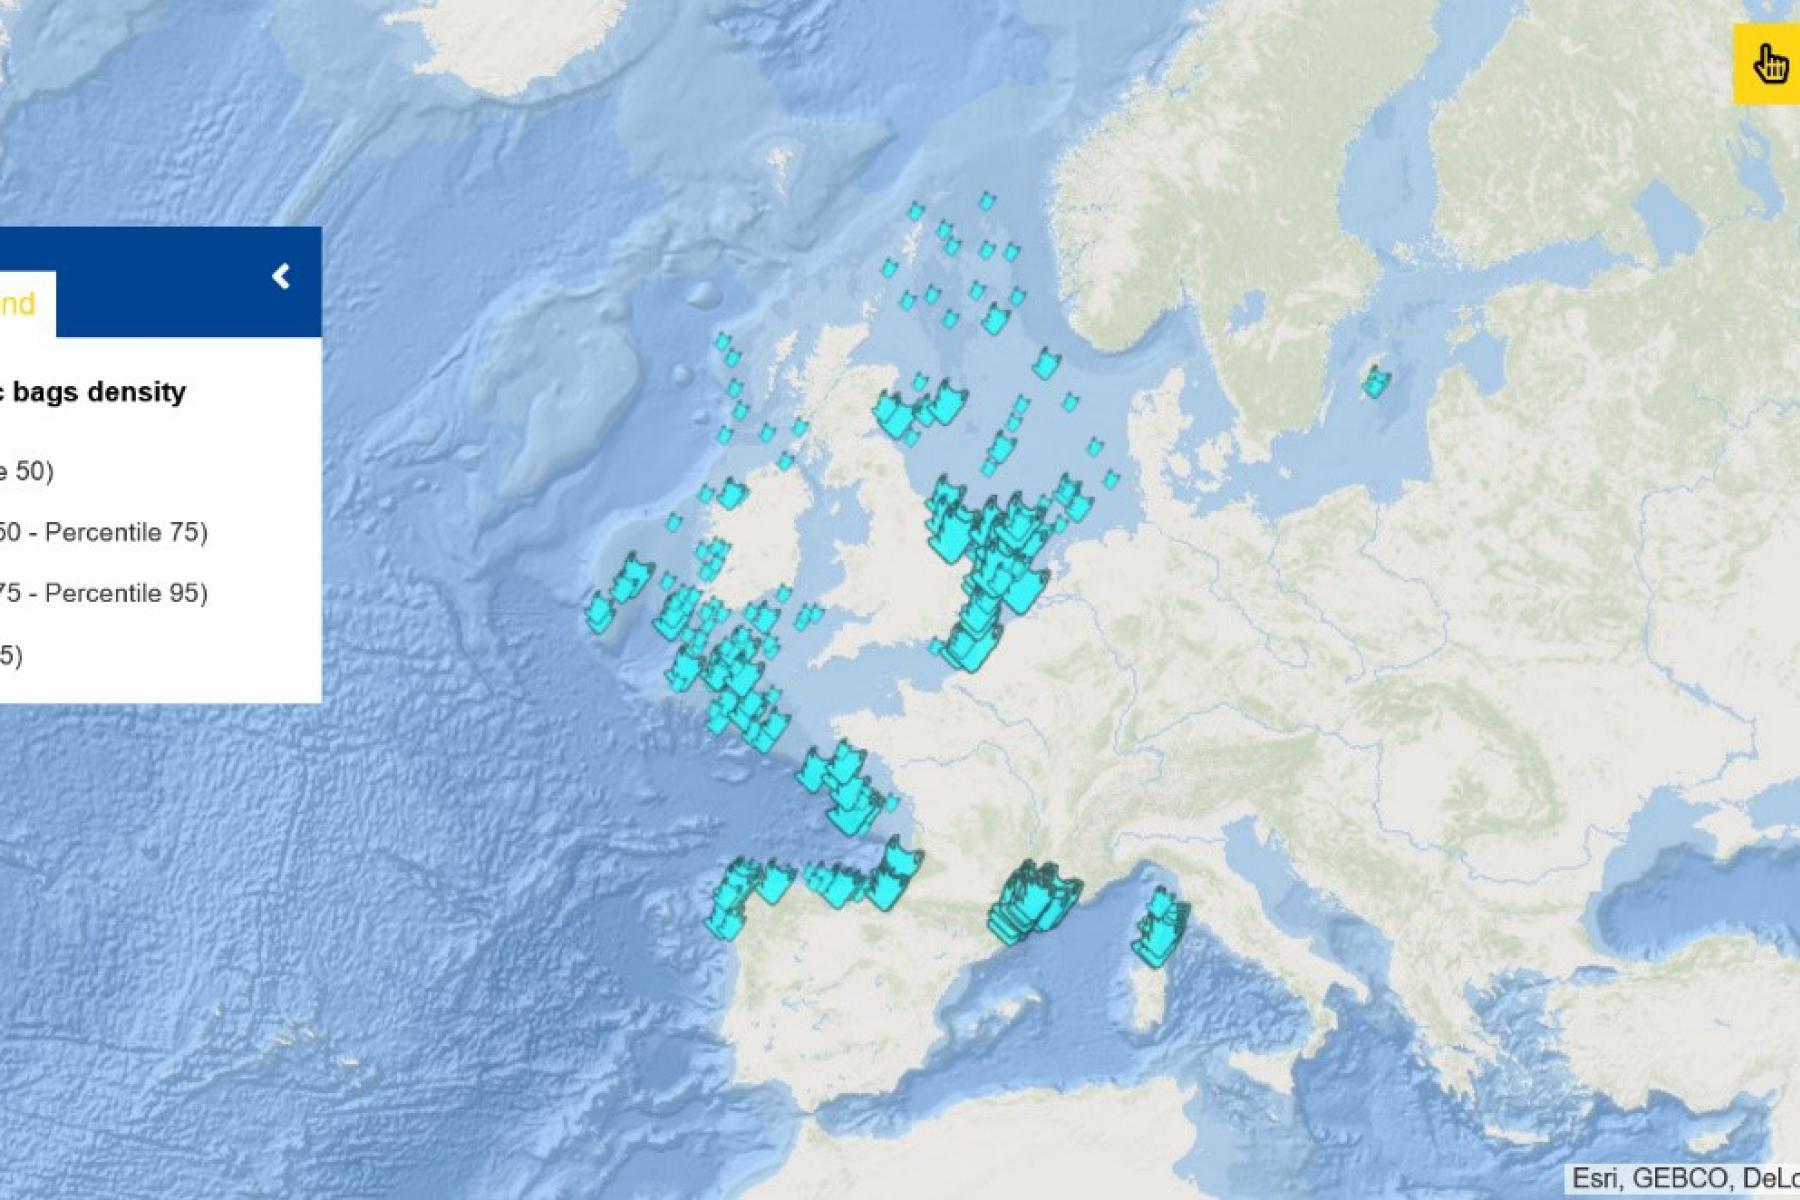 Map of the Week – Seafloor litter – Plastic bags density